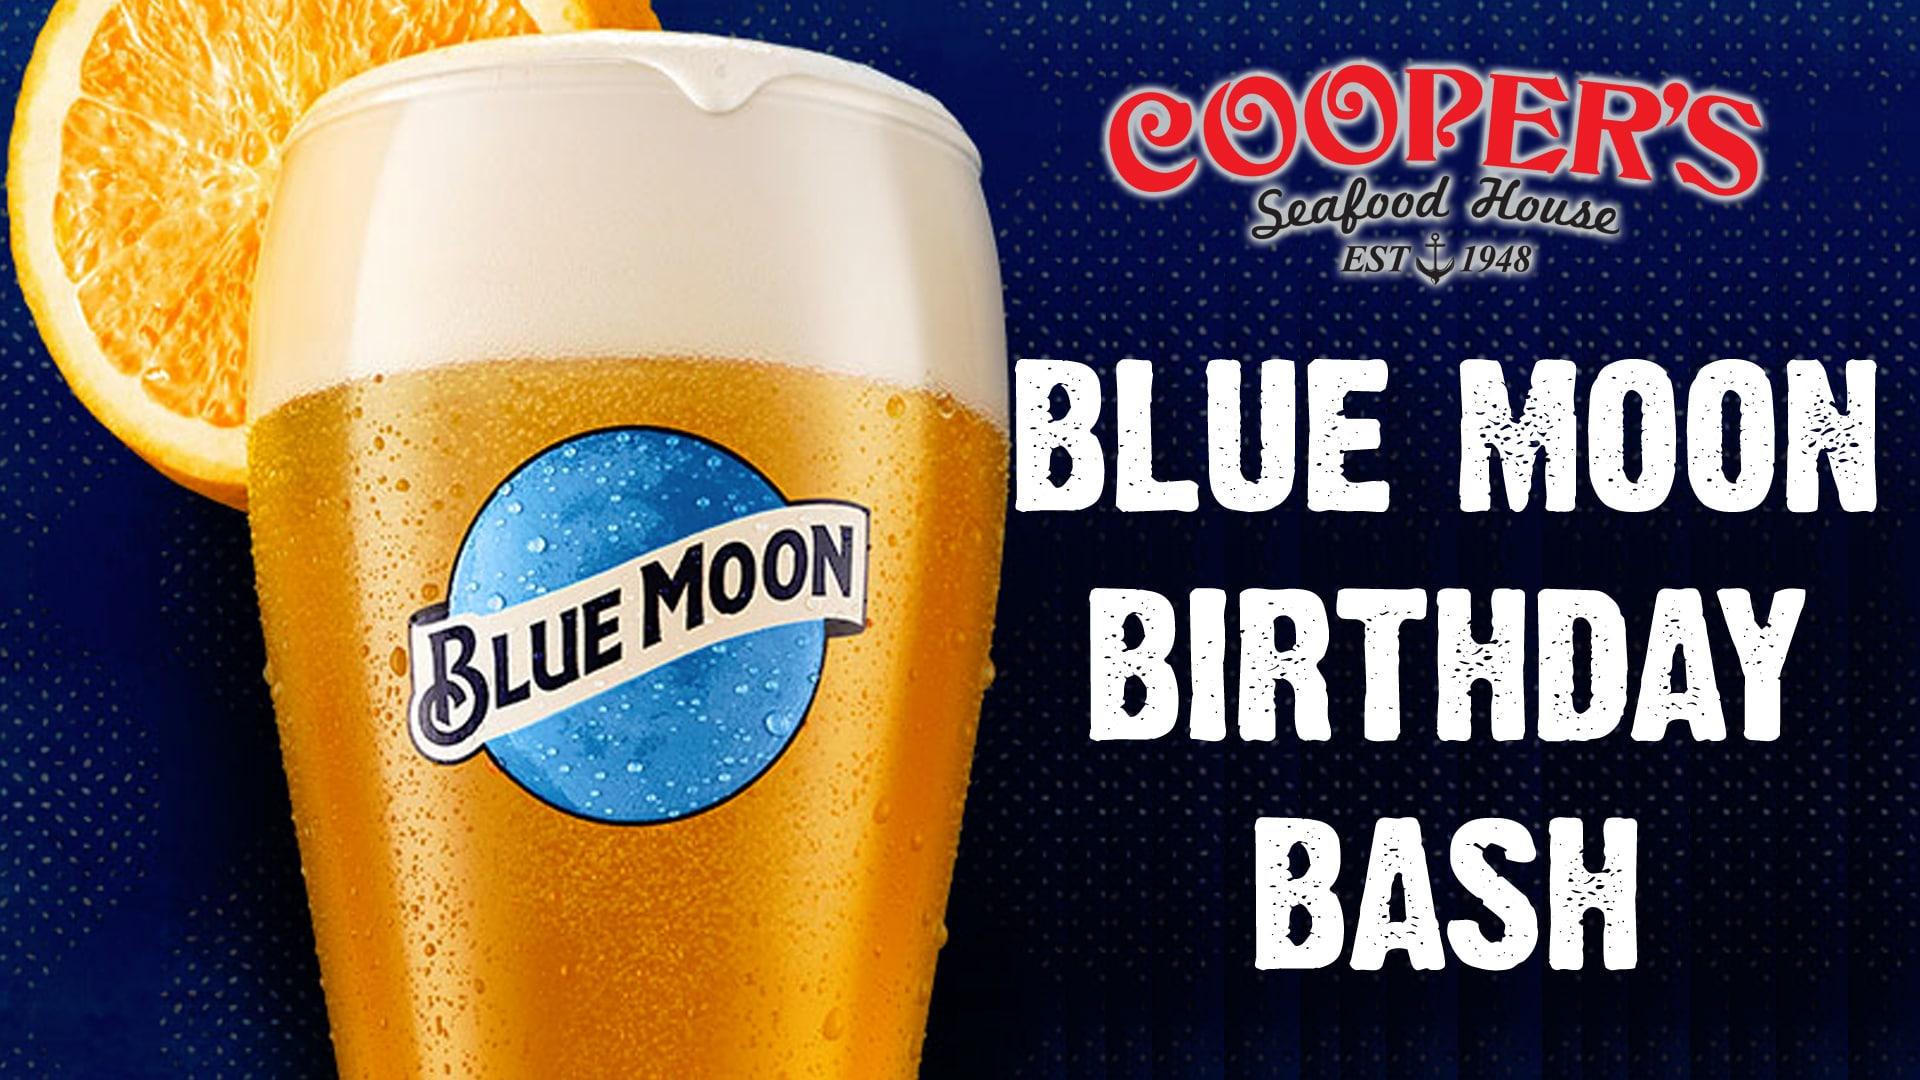 blue moon beer wallpaper wwwpixsharkcom images